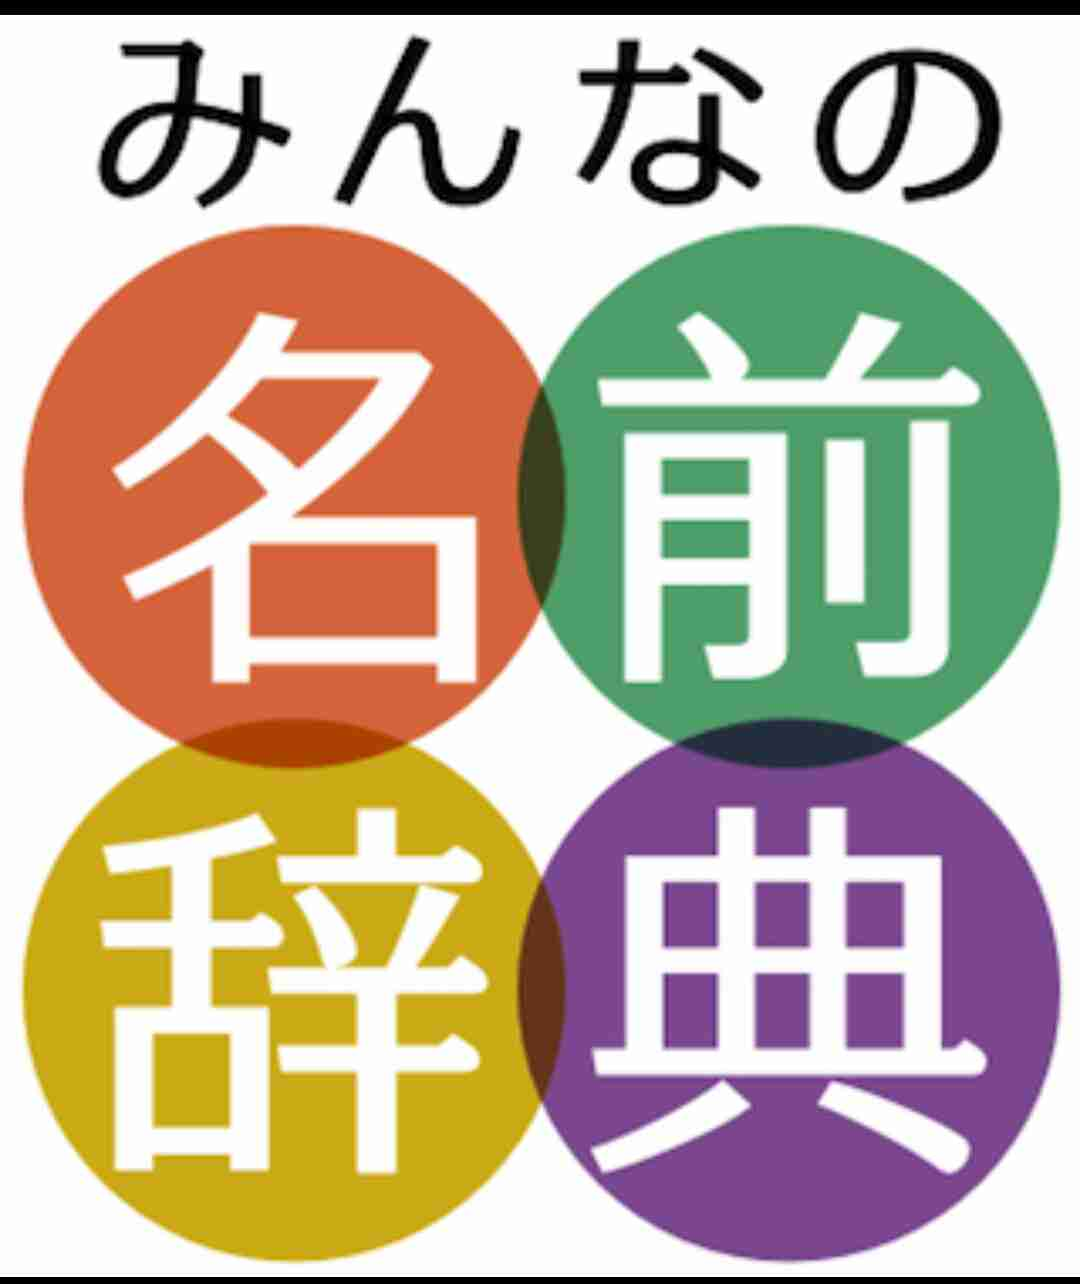 名前につけない方が良い漢字